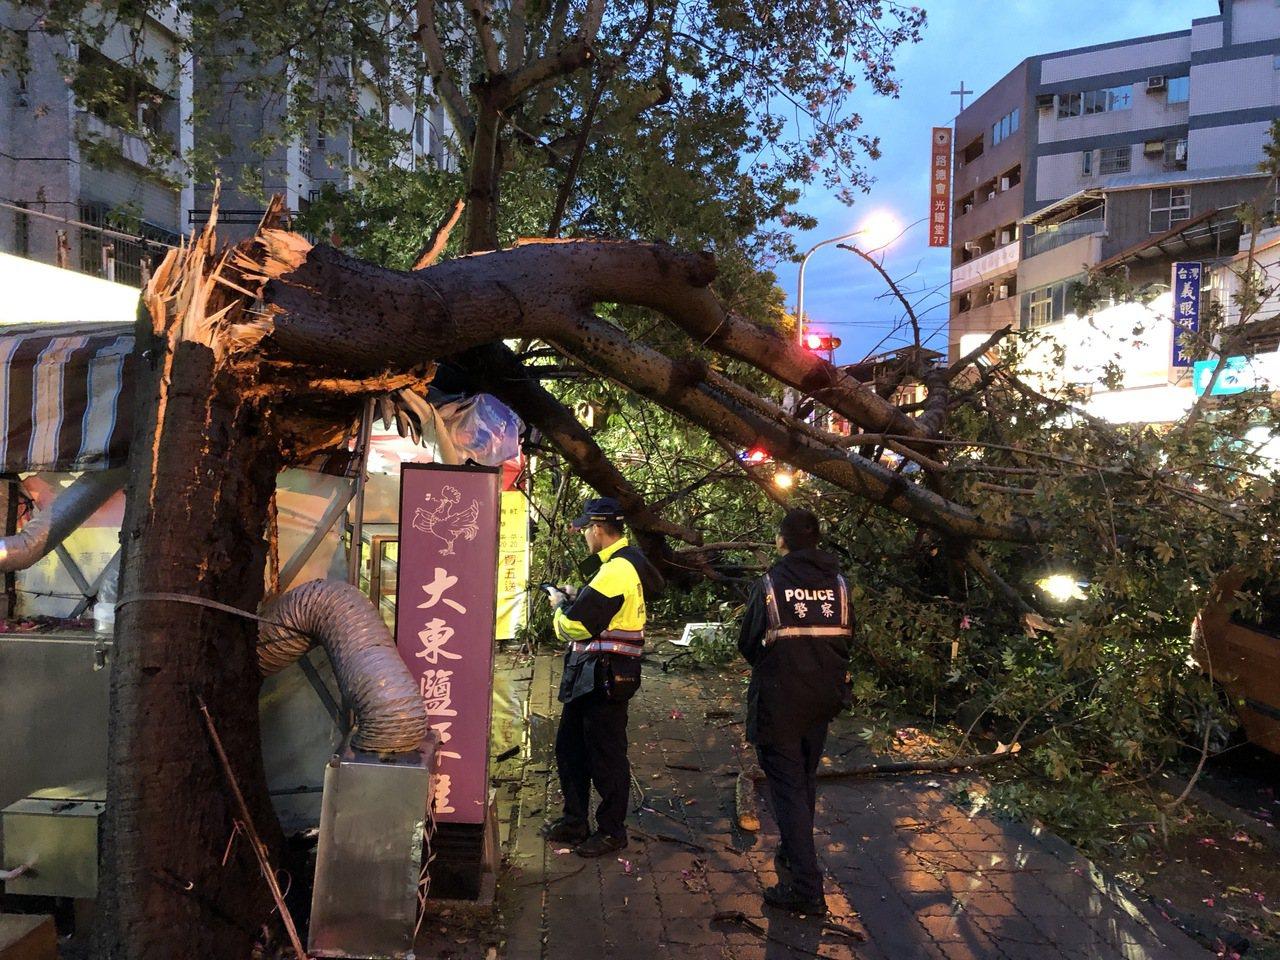 台南市警六分局大林派出所員警到場處理,確認現場無人受傷,虛驚一場。記者邵心杰/攝...